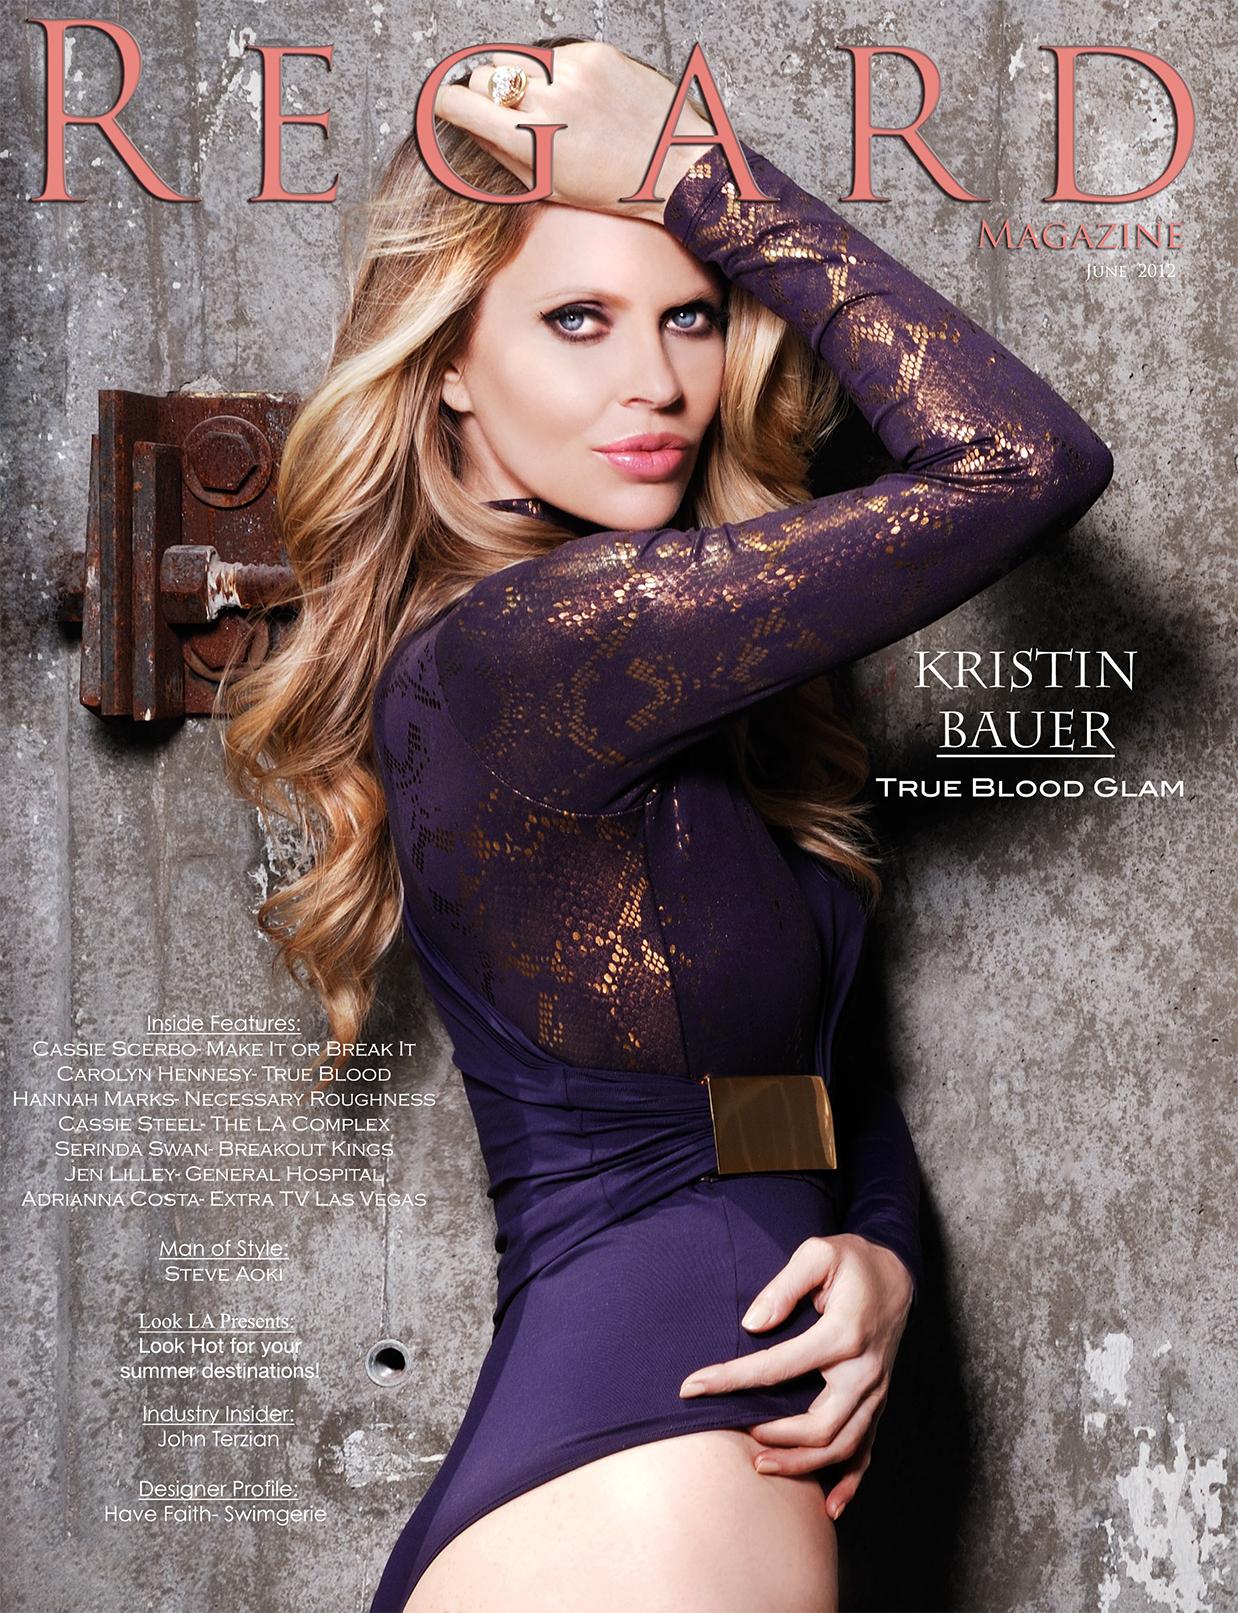 Regard Magazine Issue 14- June 2012-1.jpg